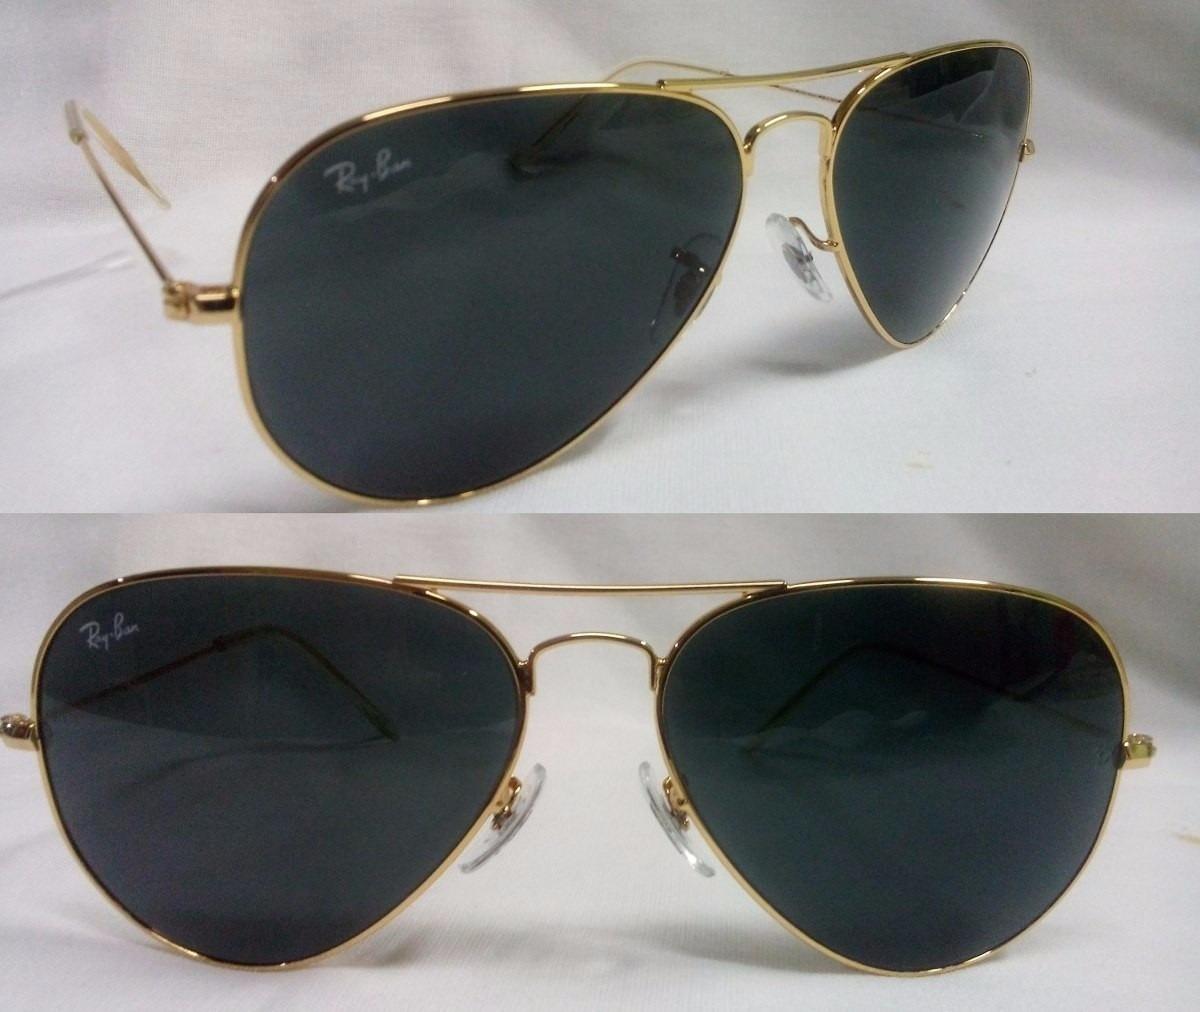 644d9d5699cfc oculos ray ban aviador original lentes preta armação dourada. Carregando  zoom.